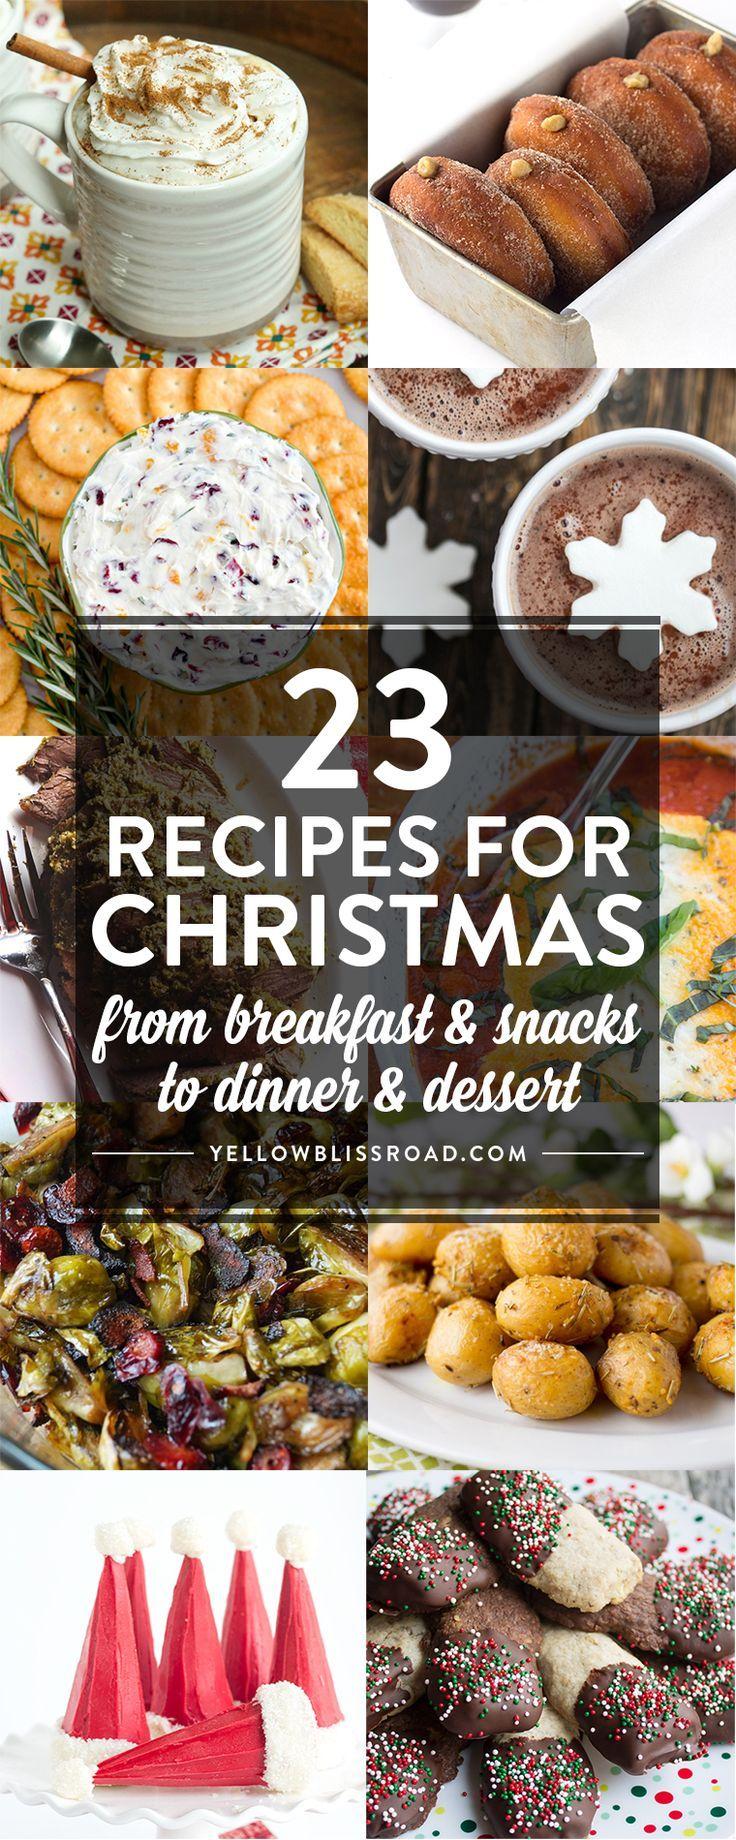 23-recipes-for-christmas